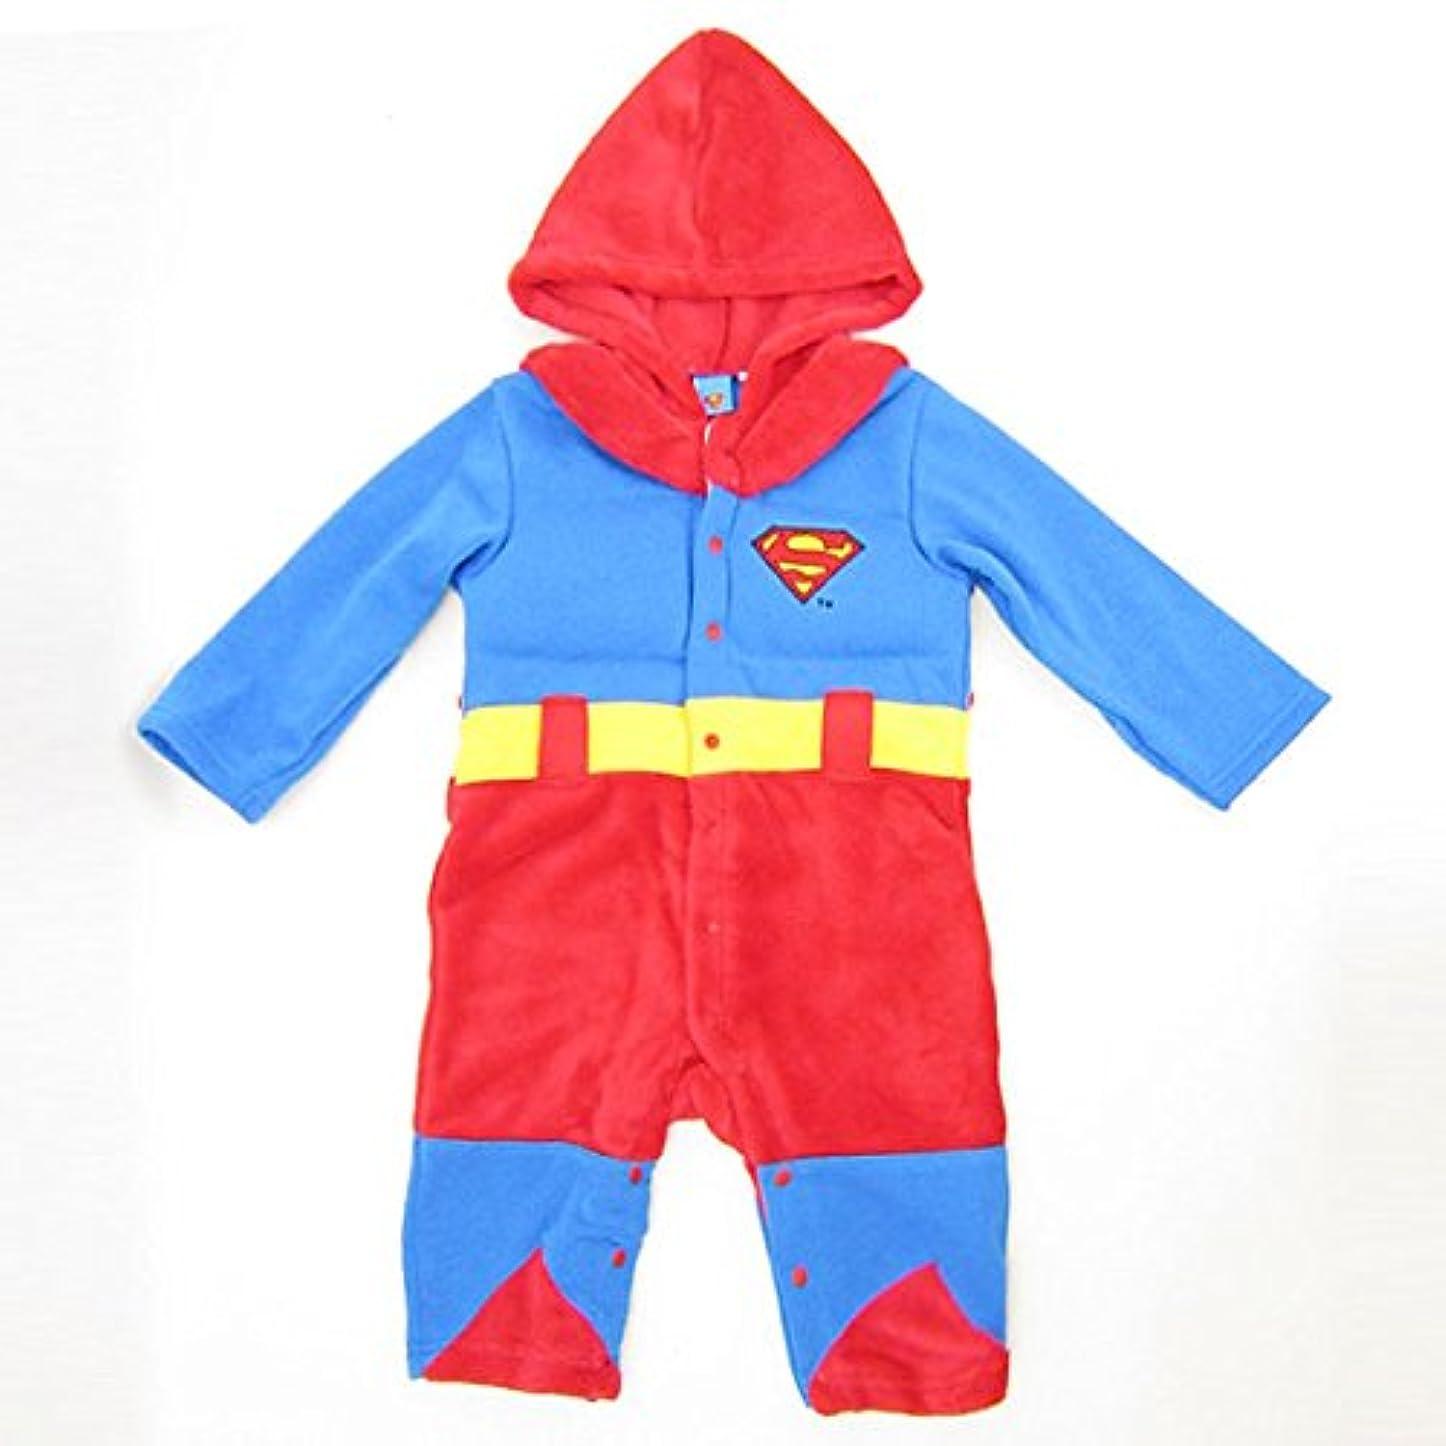 ワンダー前書き第九スーパーマン なりきり きぐるみカバーオール (コスチューム/ベビー服) 95cm (SUPERMAN) ベビー用品